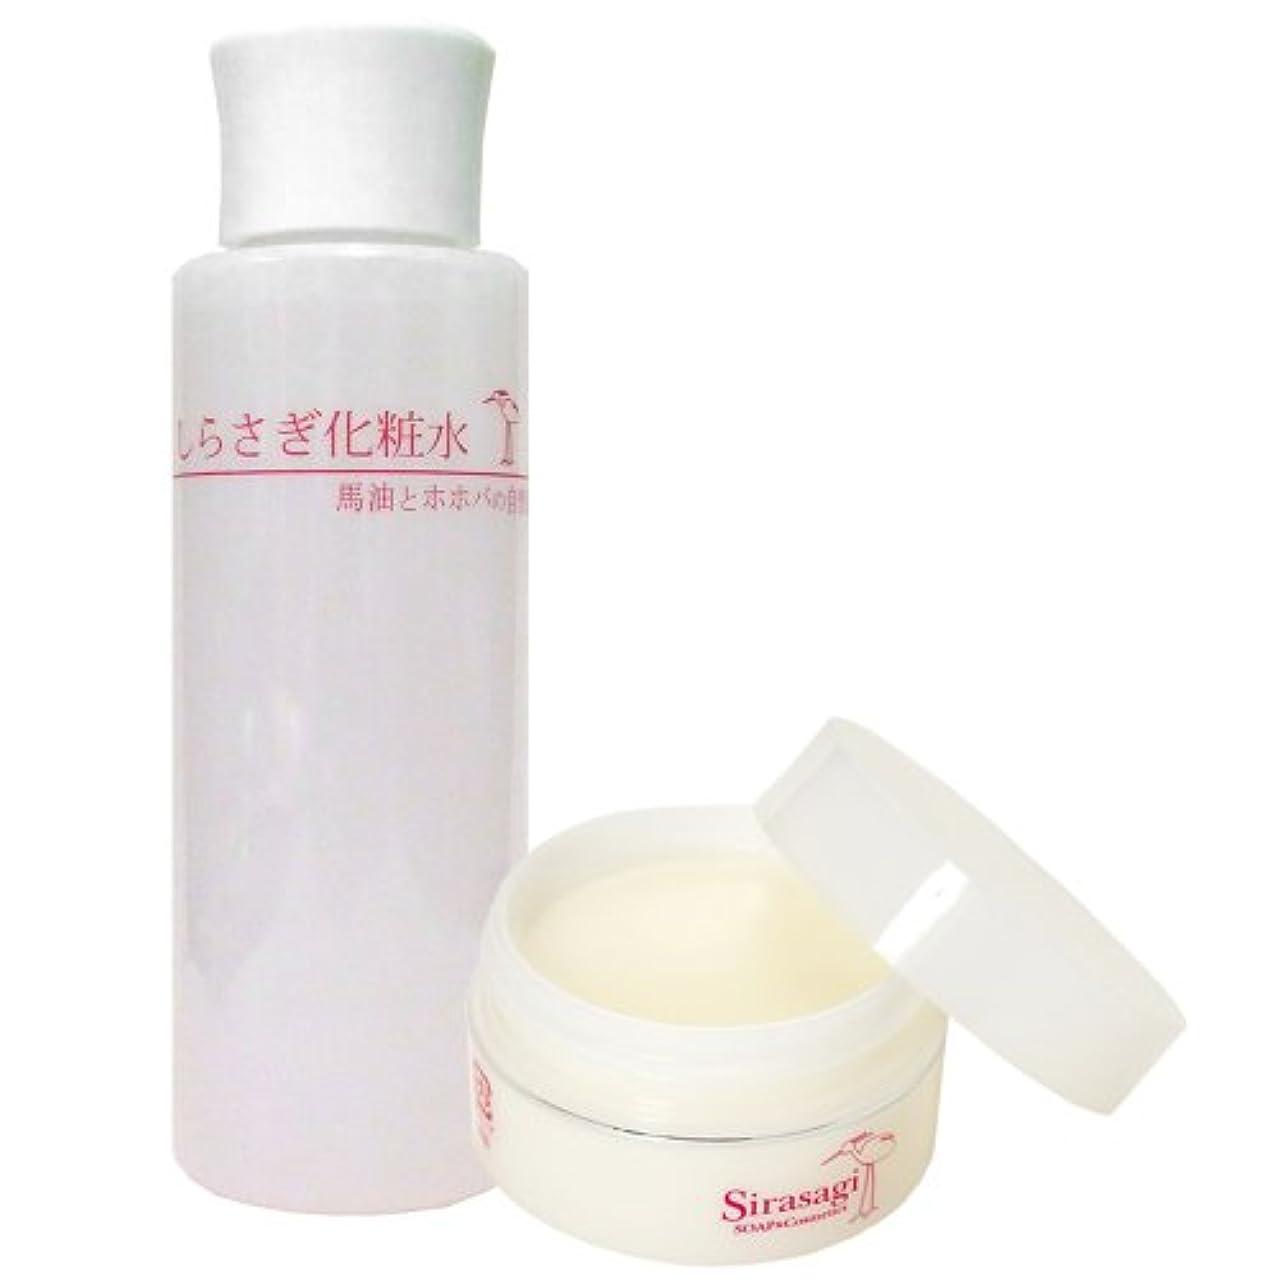 ぎこちない明るい噛むしらさぎクリーム(ラベンダーとローズウッドの香り)としらさぎ化粧水のセット